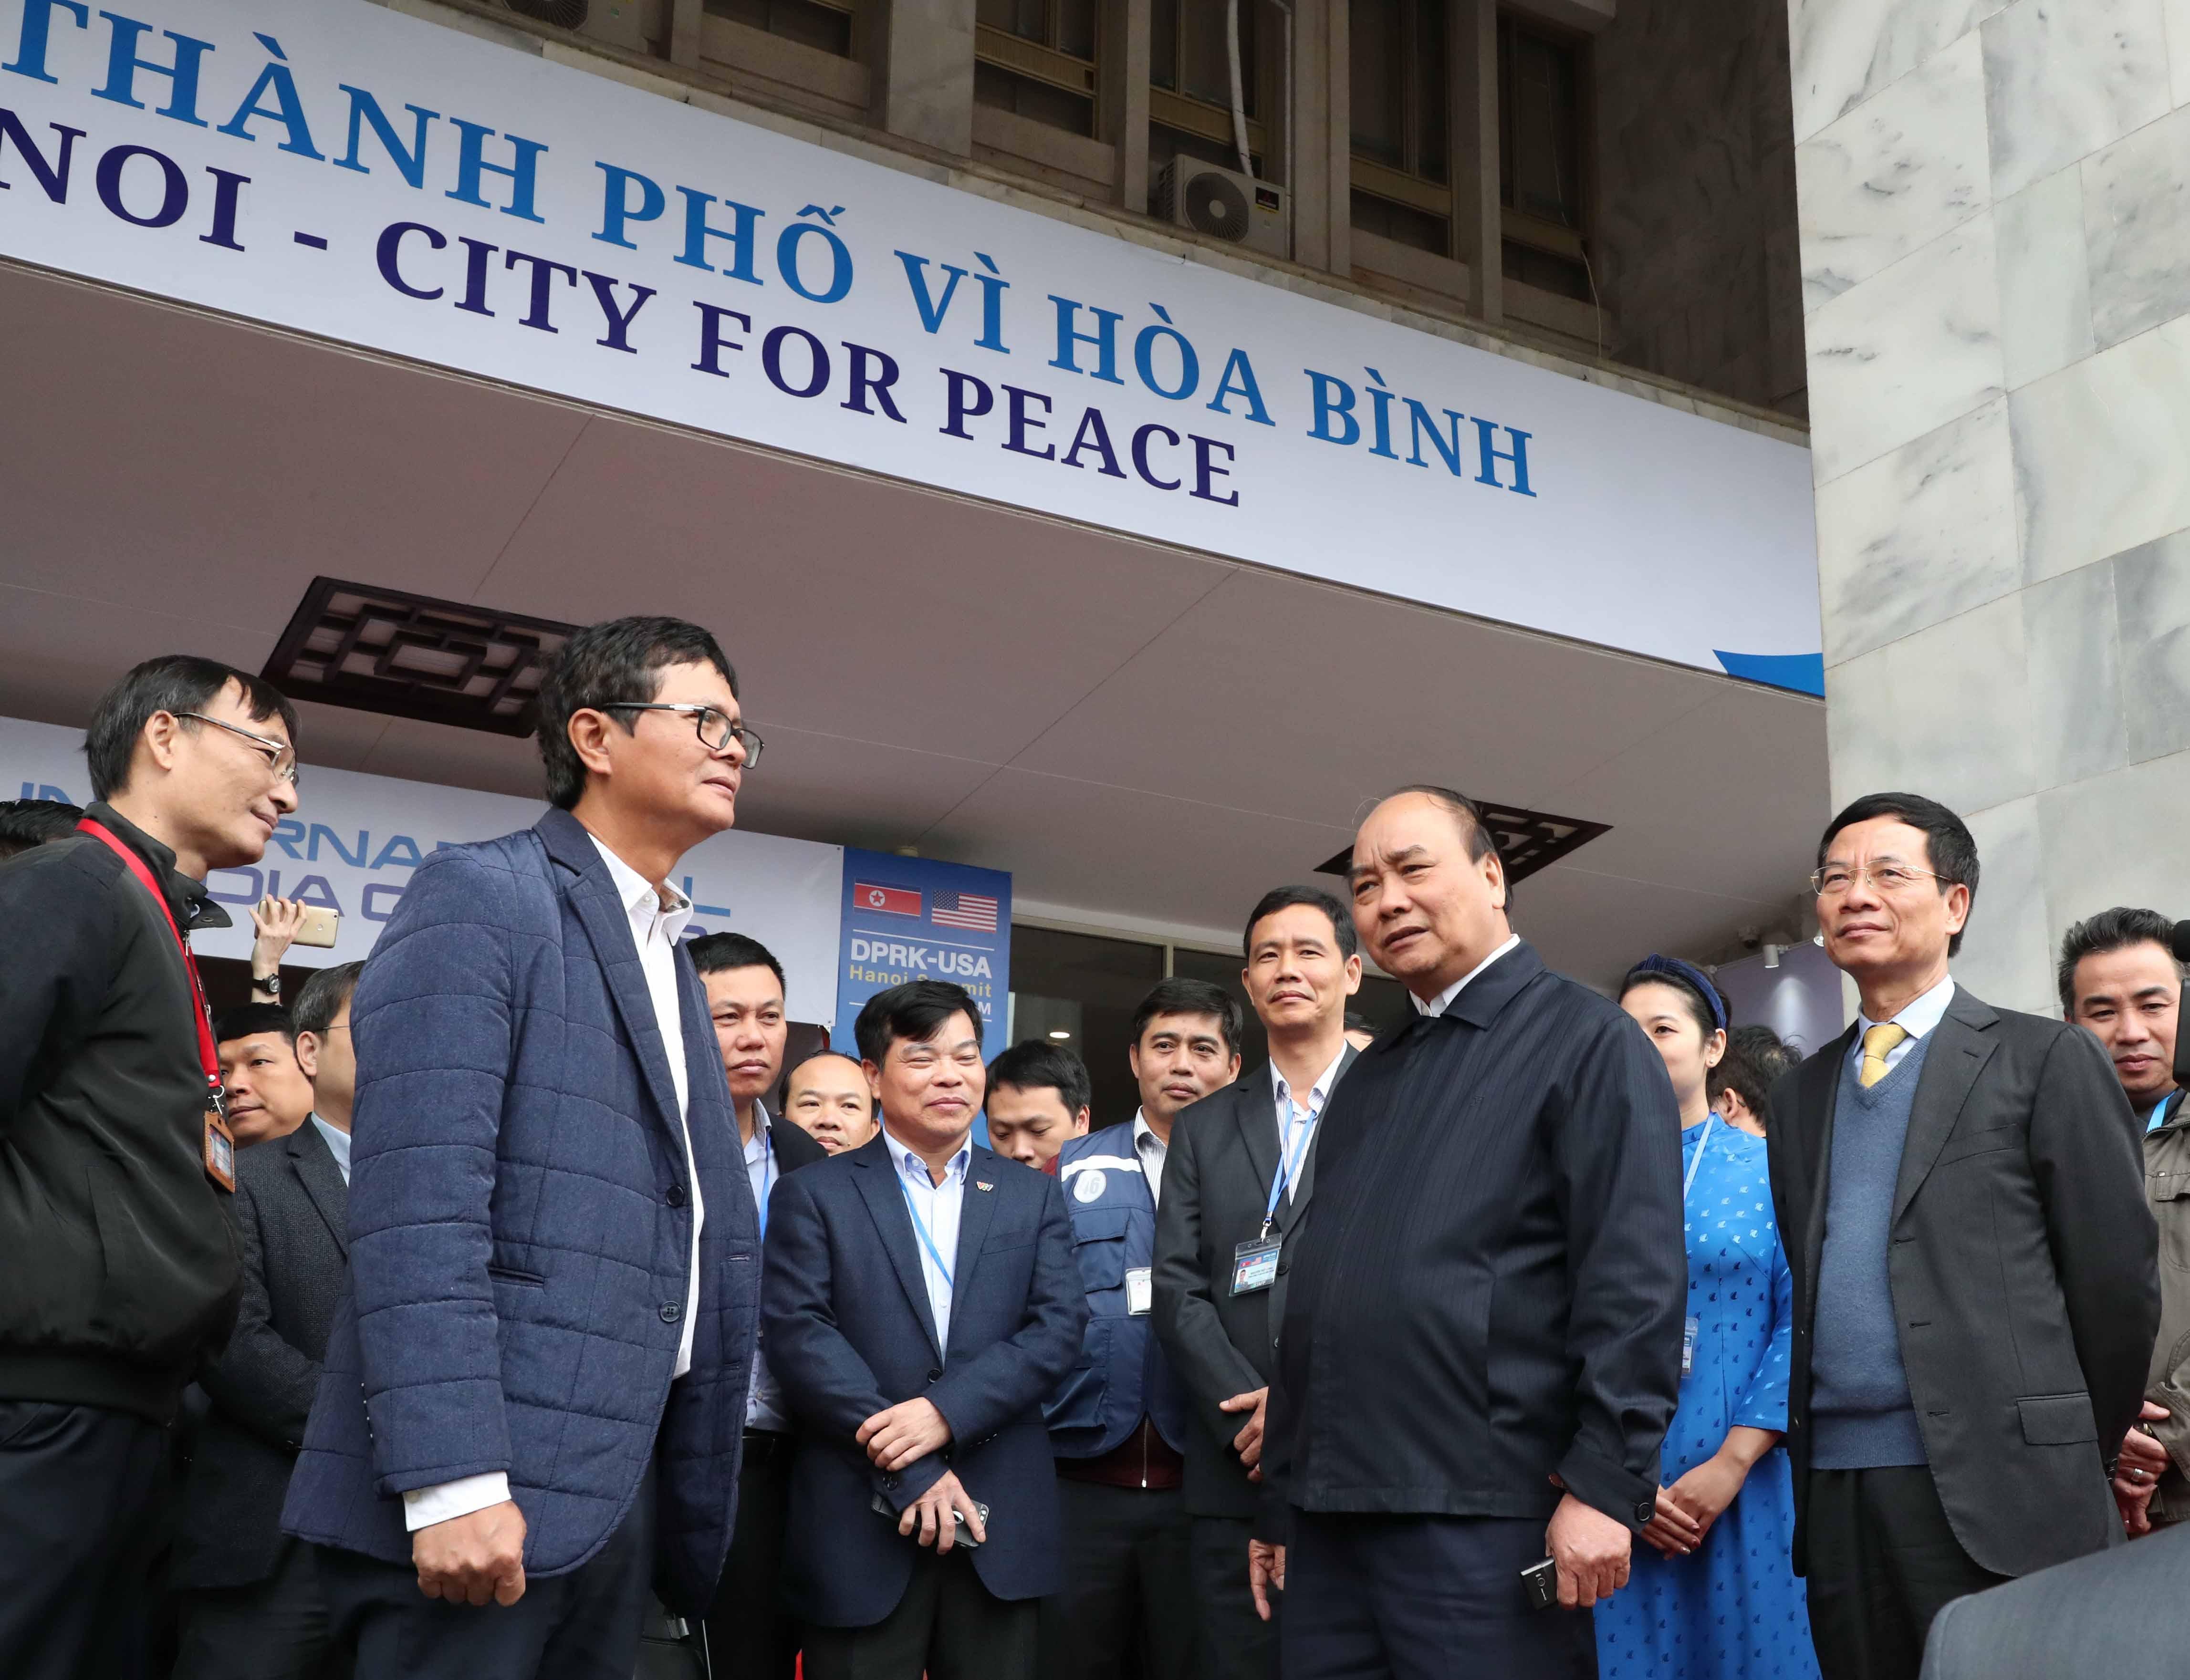 Thủ tướng: Việt Nam đã sẵn sàng, hội nghị thượng đỉnh Mỹ - Triều sẽ đảm bảo an toàn tuyệt đối 1